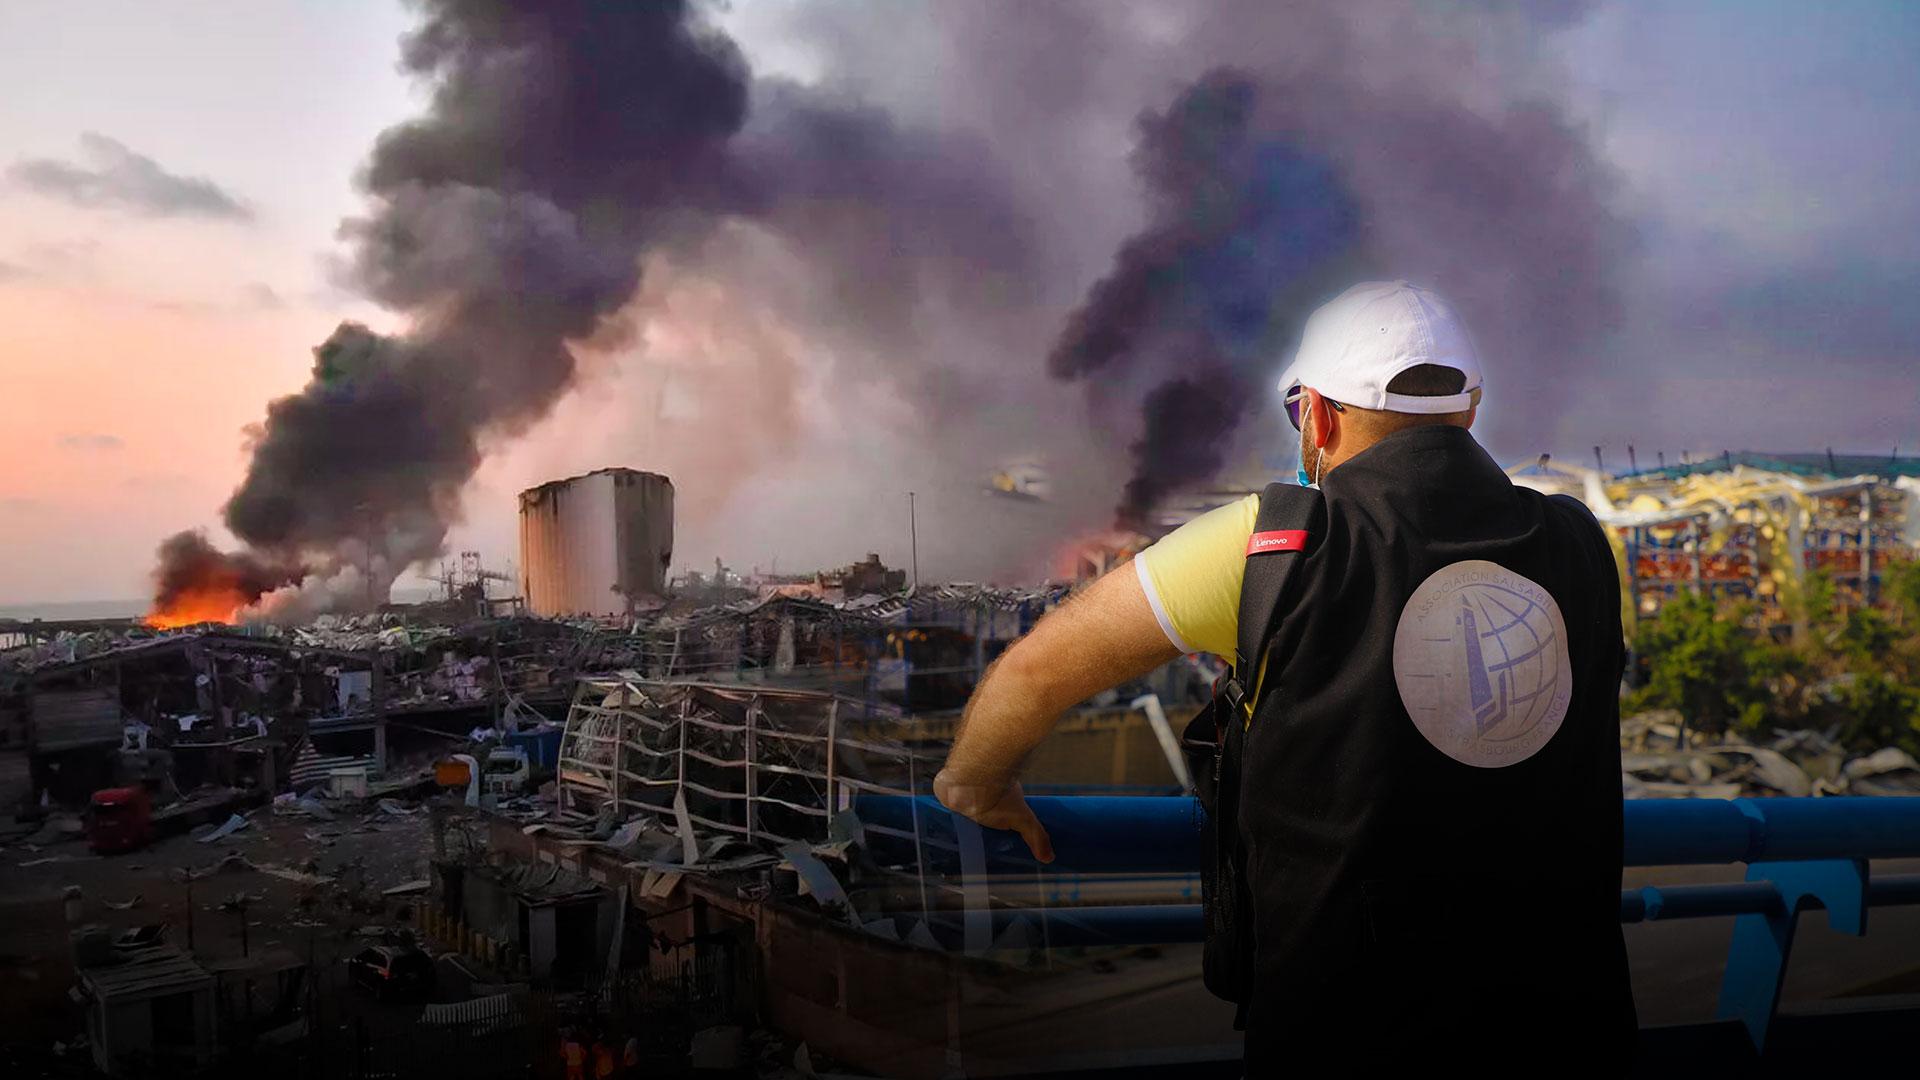 Гуманитарная катастрофа в ливане